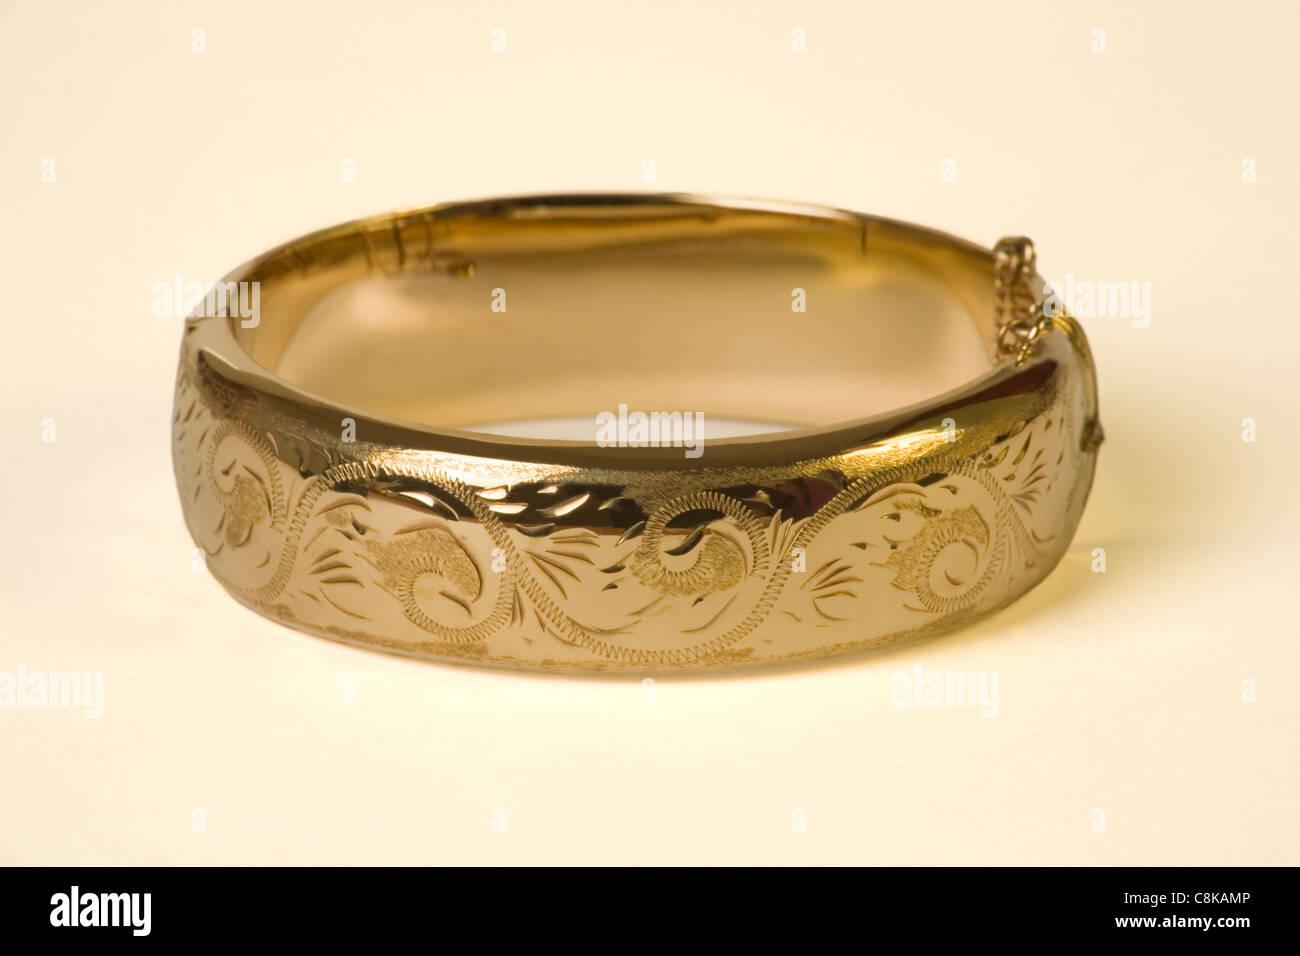 Gold bangle - Stock Image